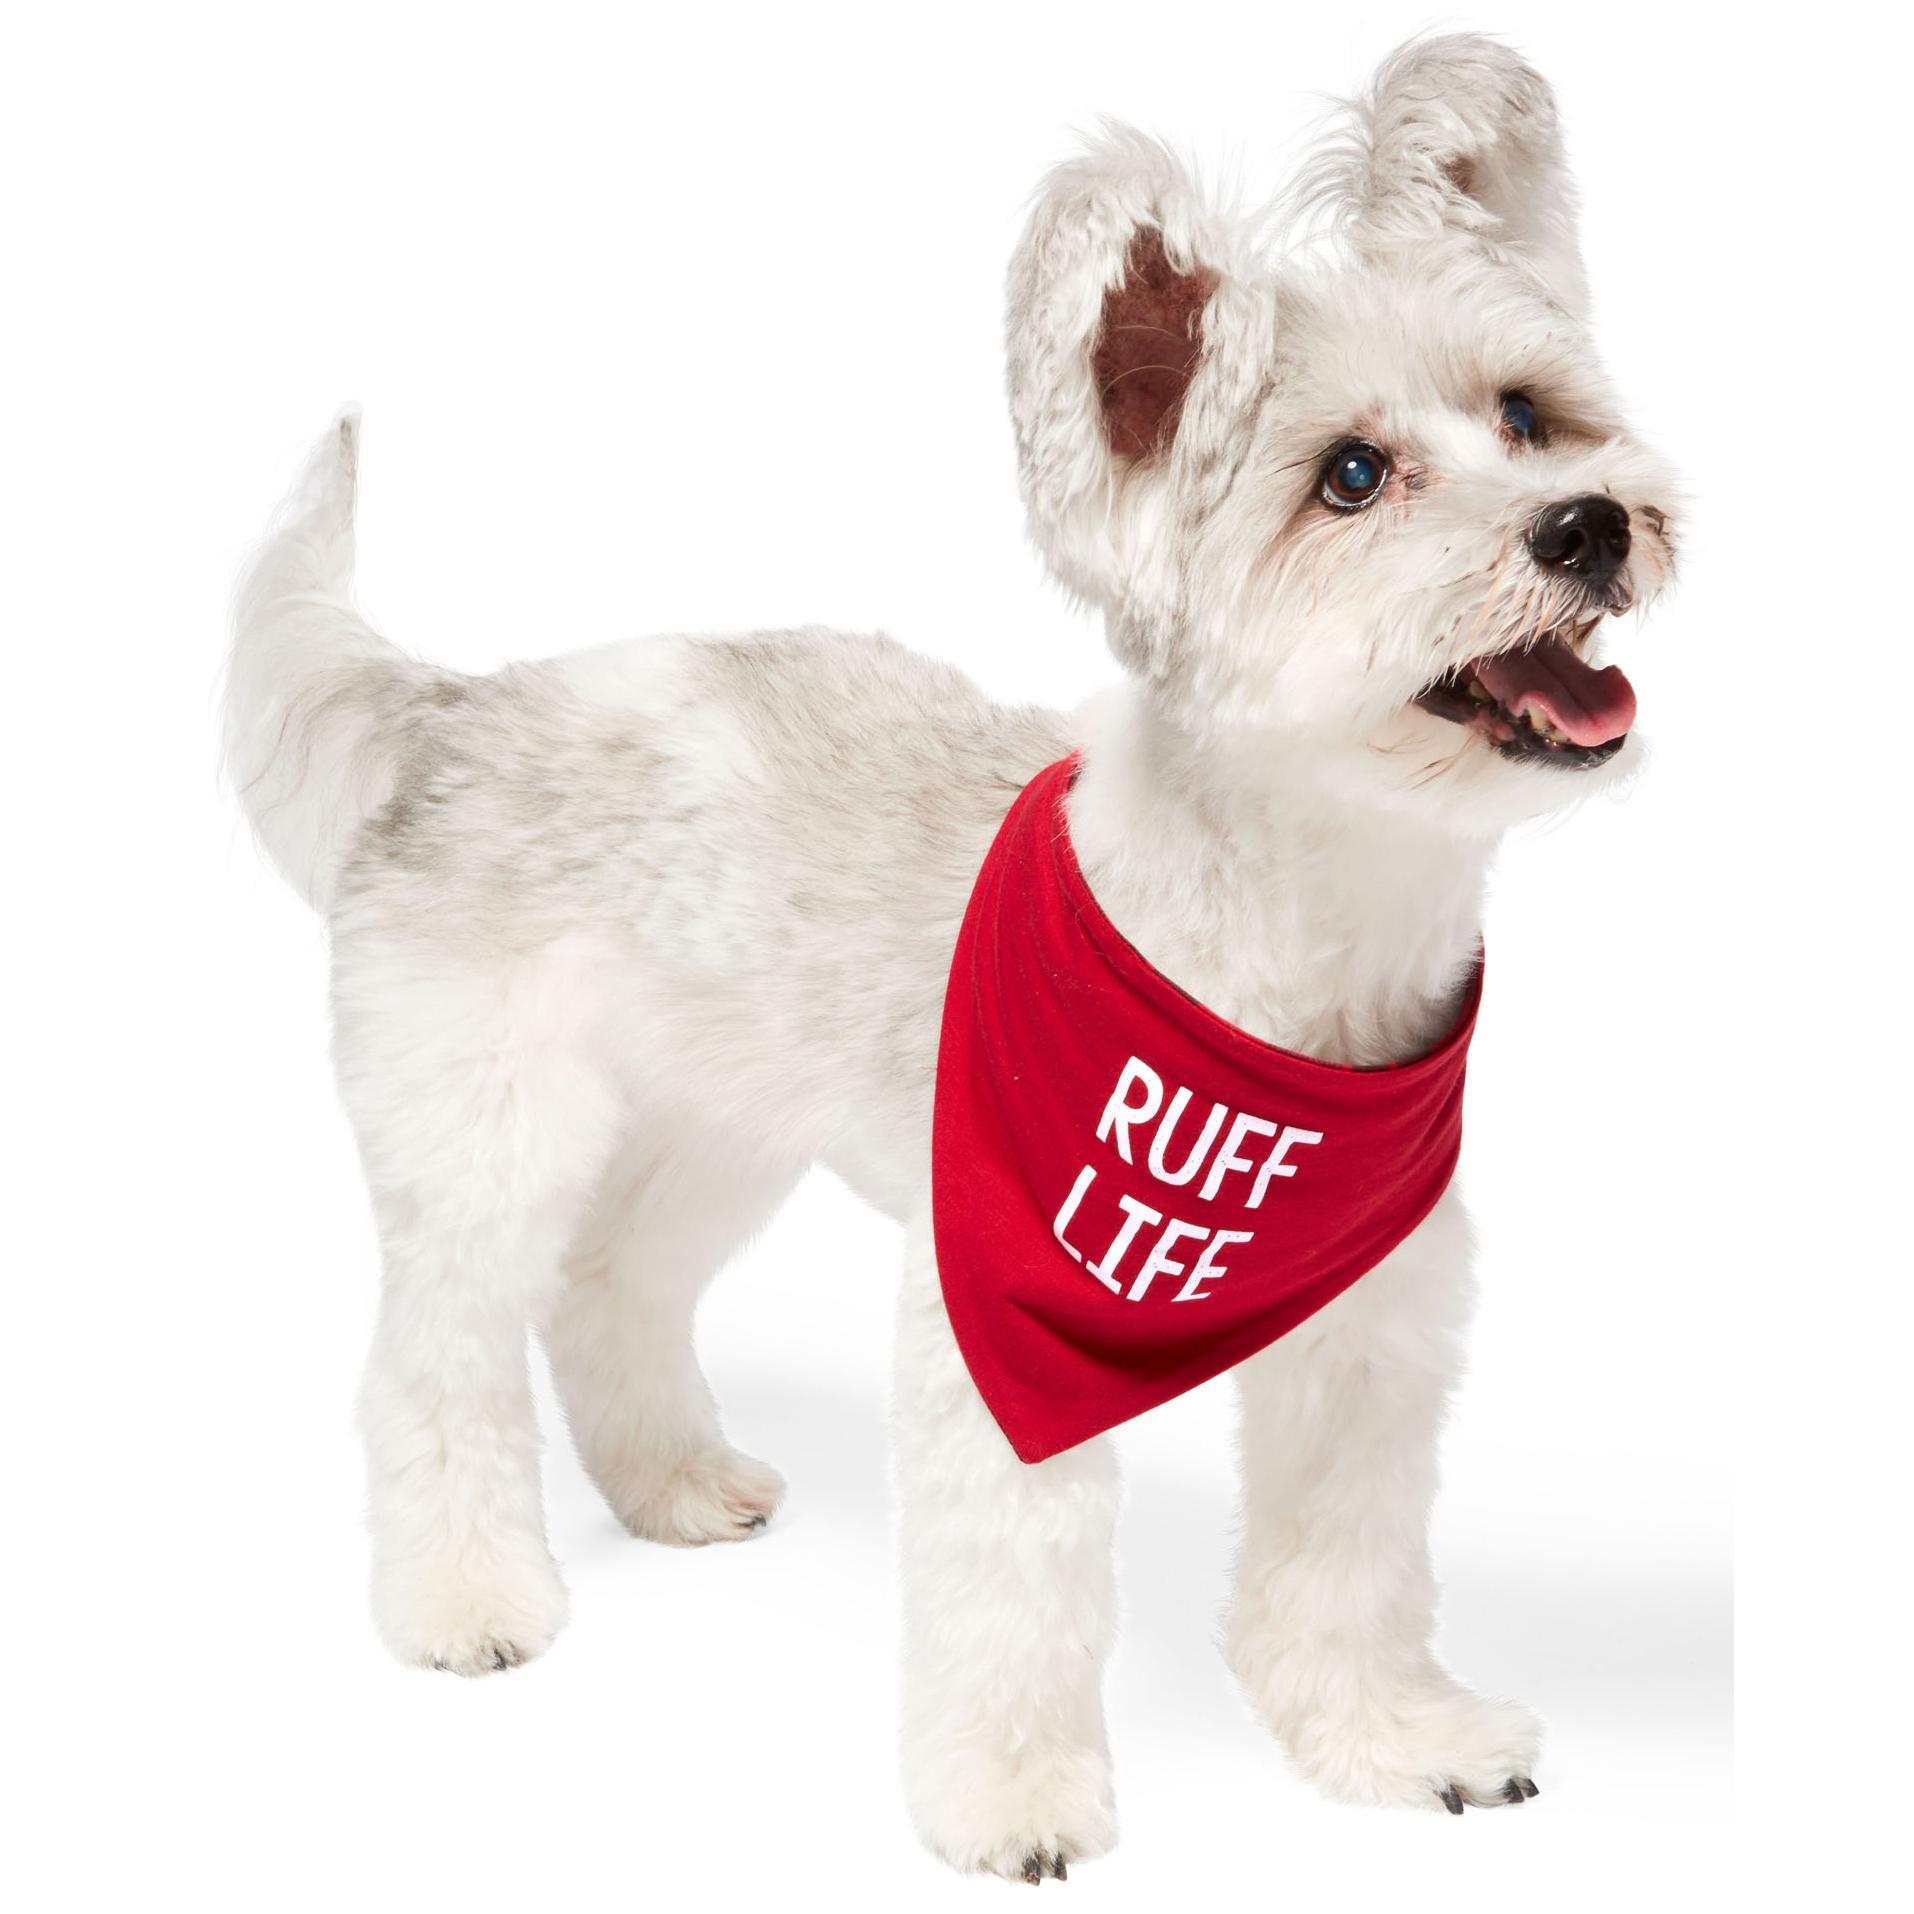 soma family pajama set ruff life dog bandana